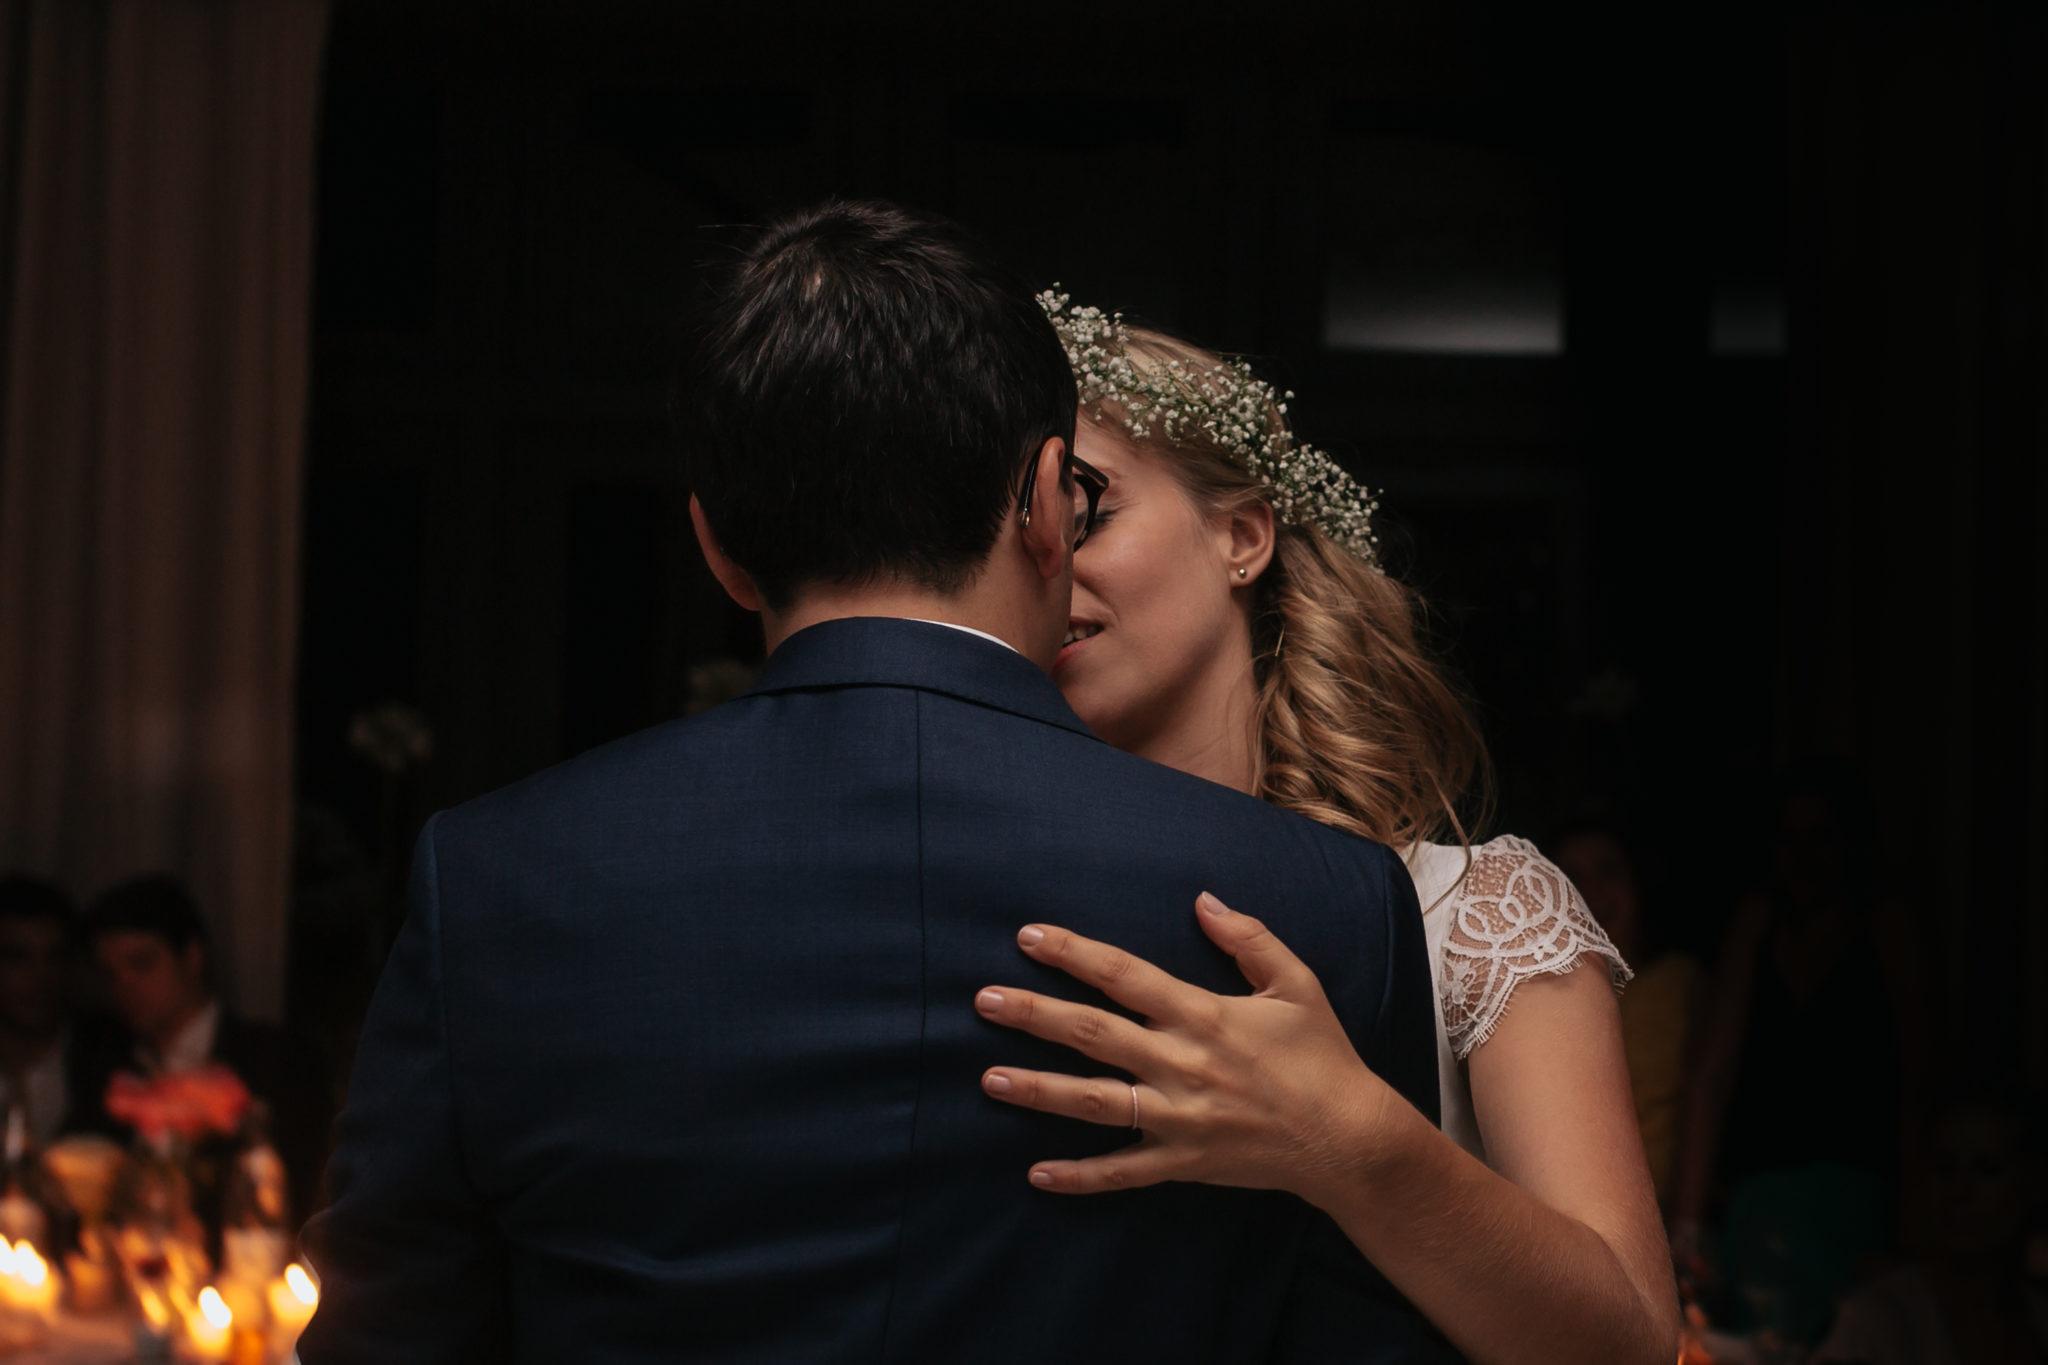 Première danse mariage Domaine Laumondiere Bagnoles de l'Orne